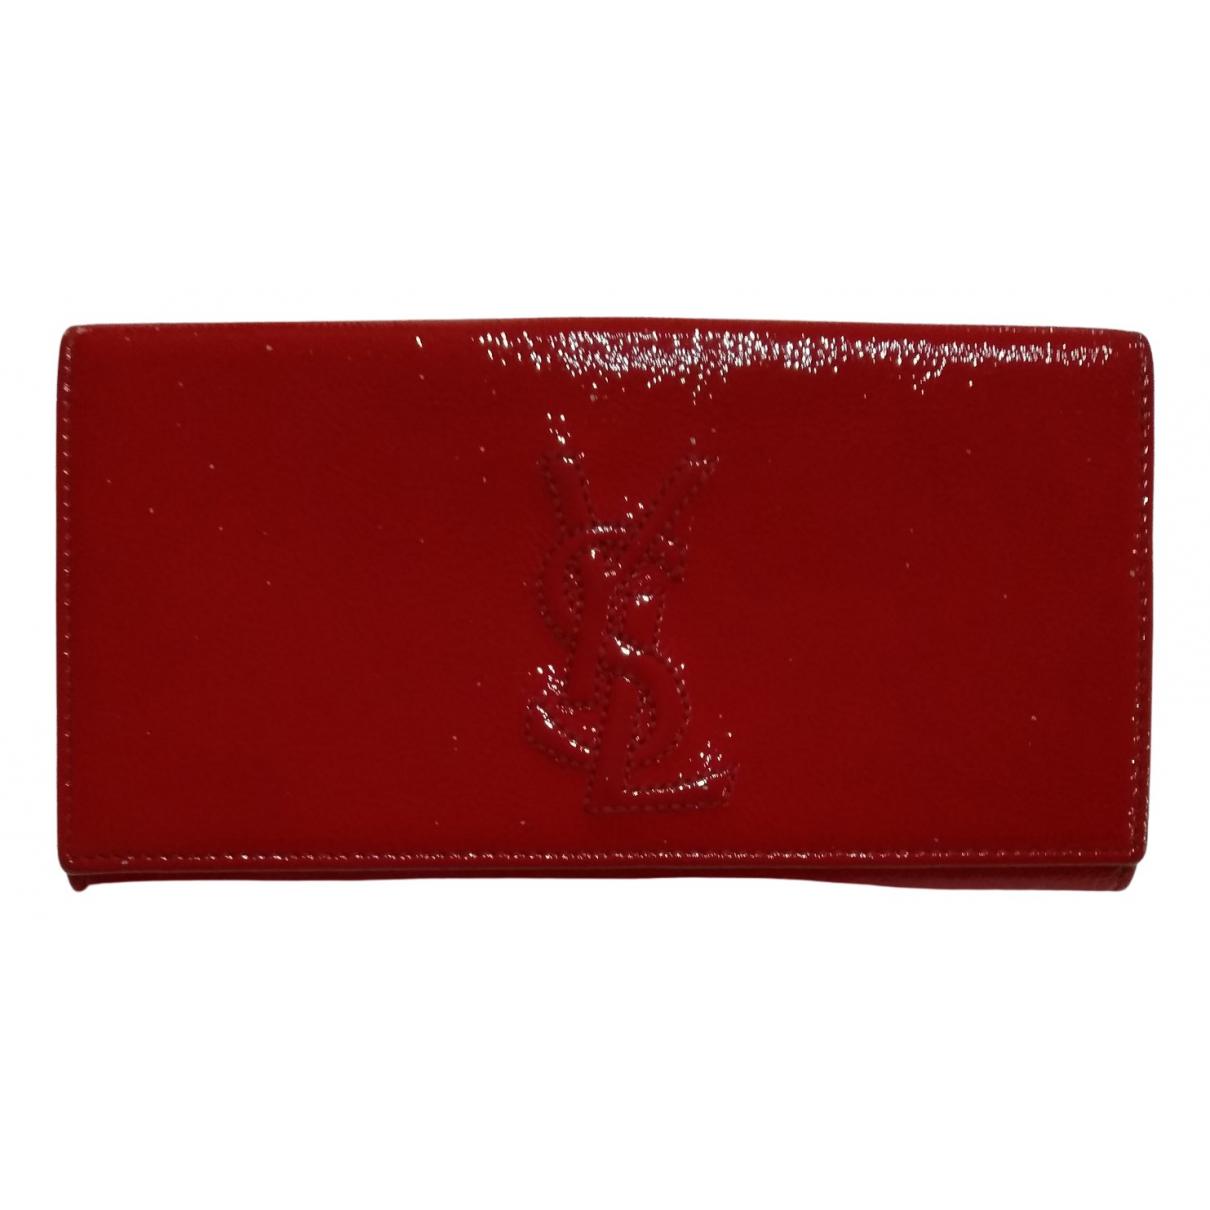 Yves Saint Laurent - Portefeuille Belle de Jour pour femme en cuir verni - rouge